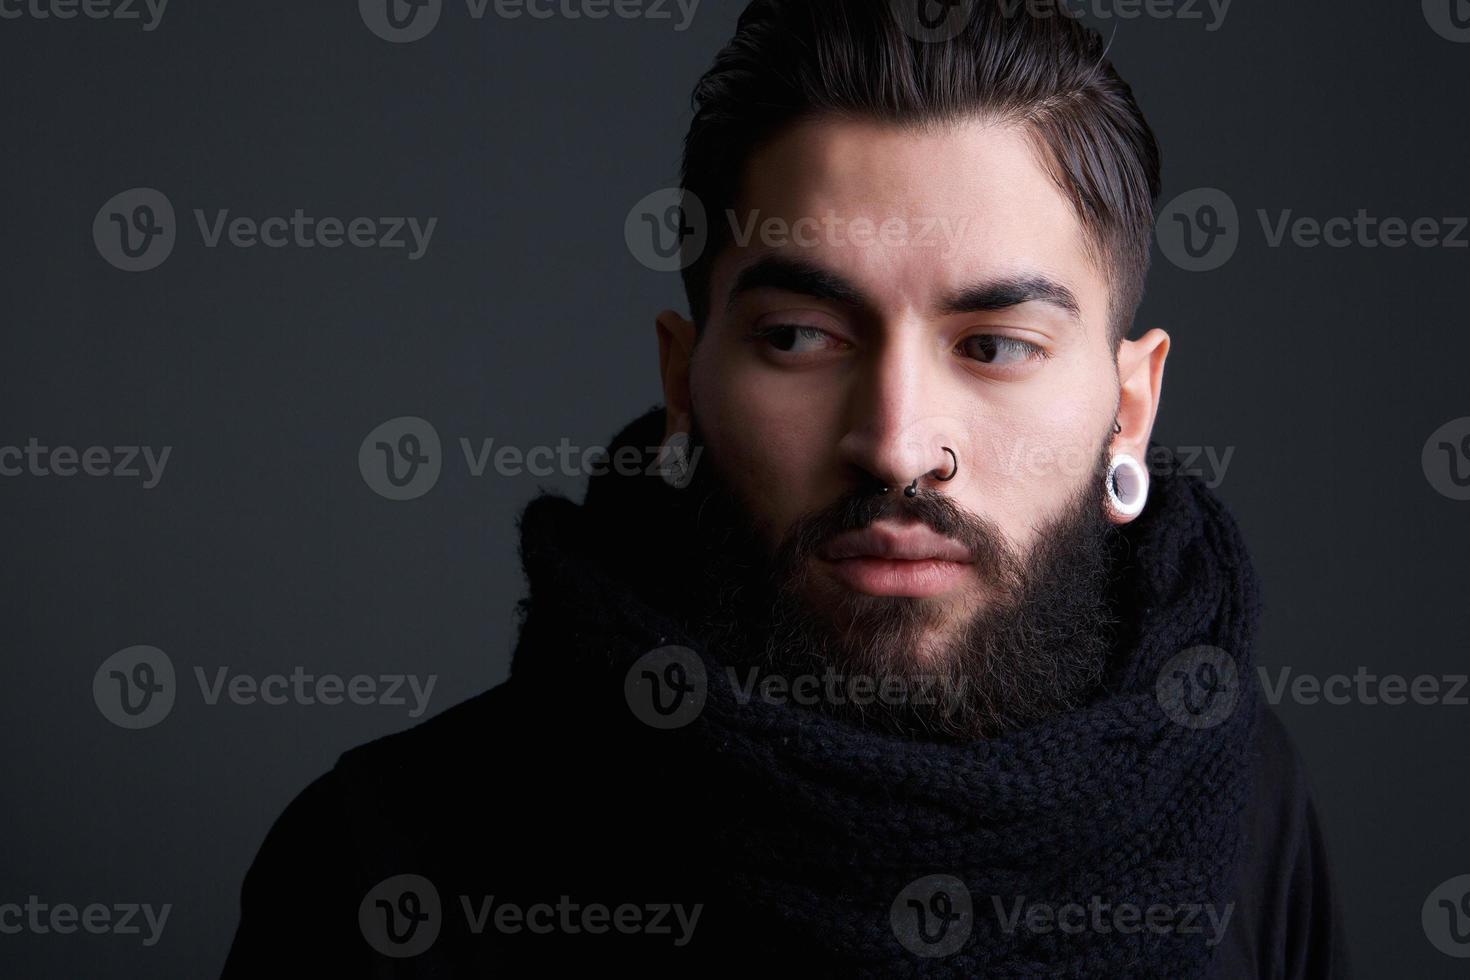 jeune homme moderne avec barbe et piercings photo